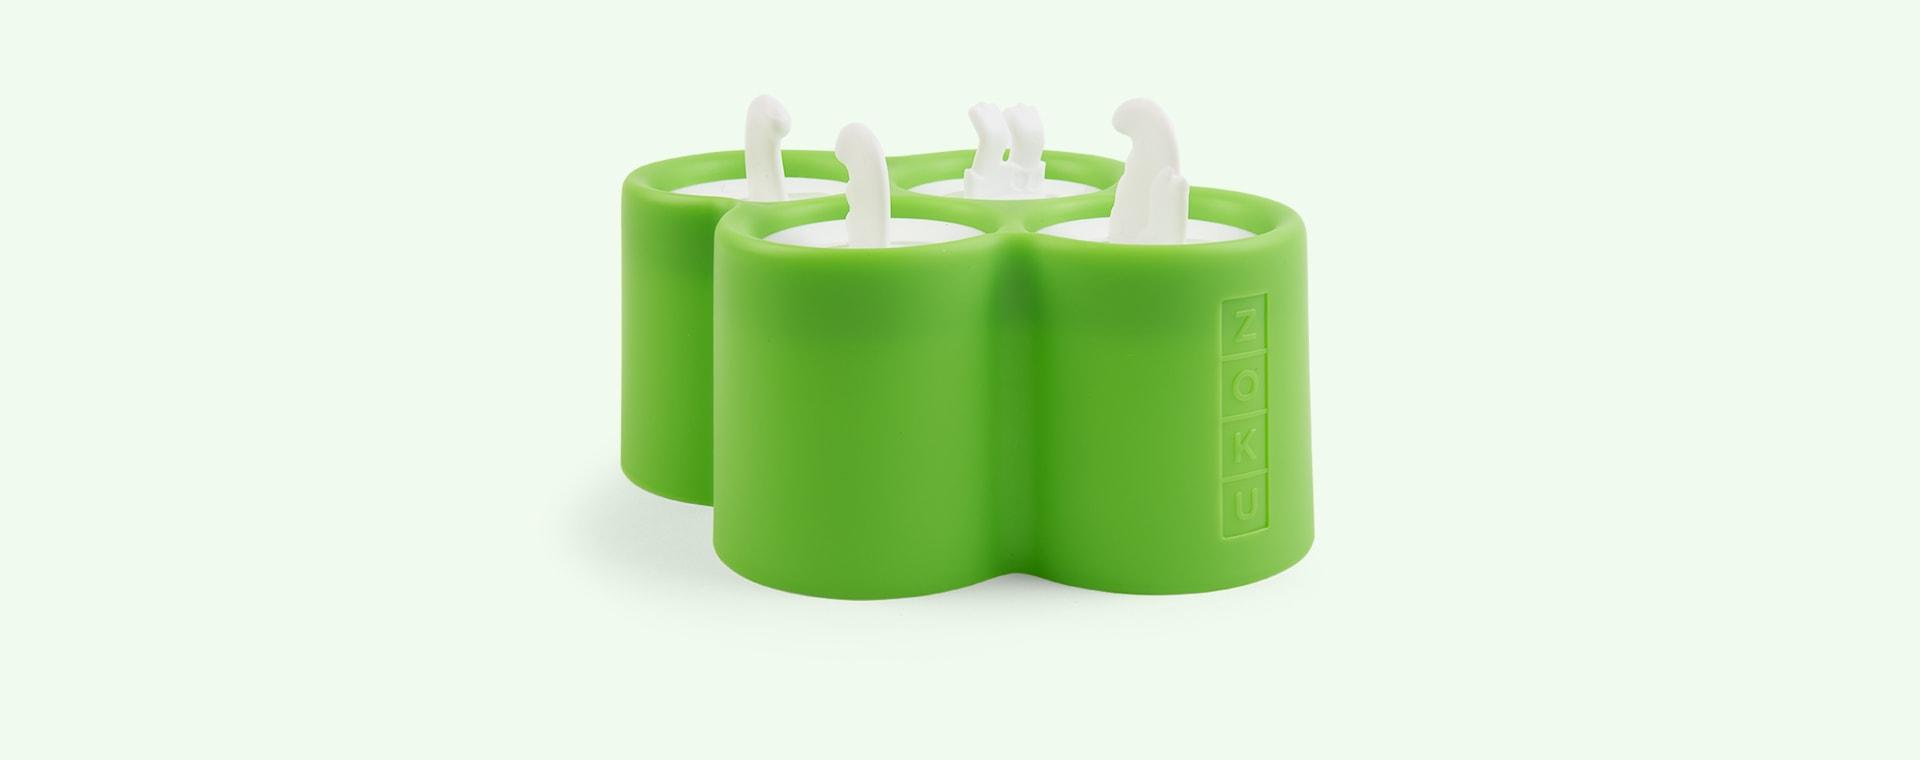 Green Zoku Dinosaur Pop Moulds